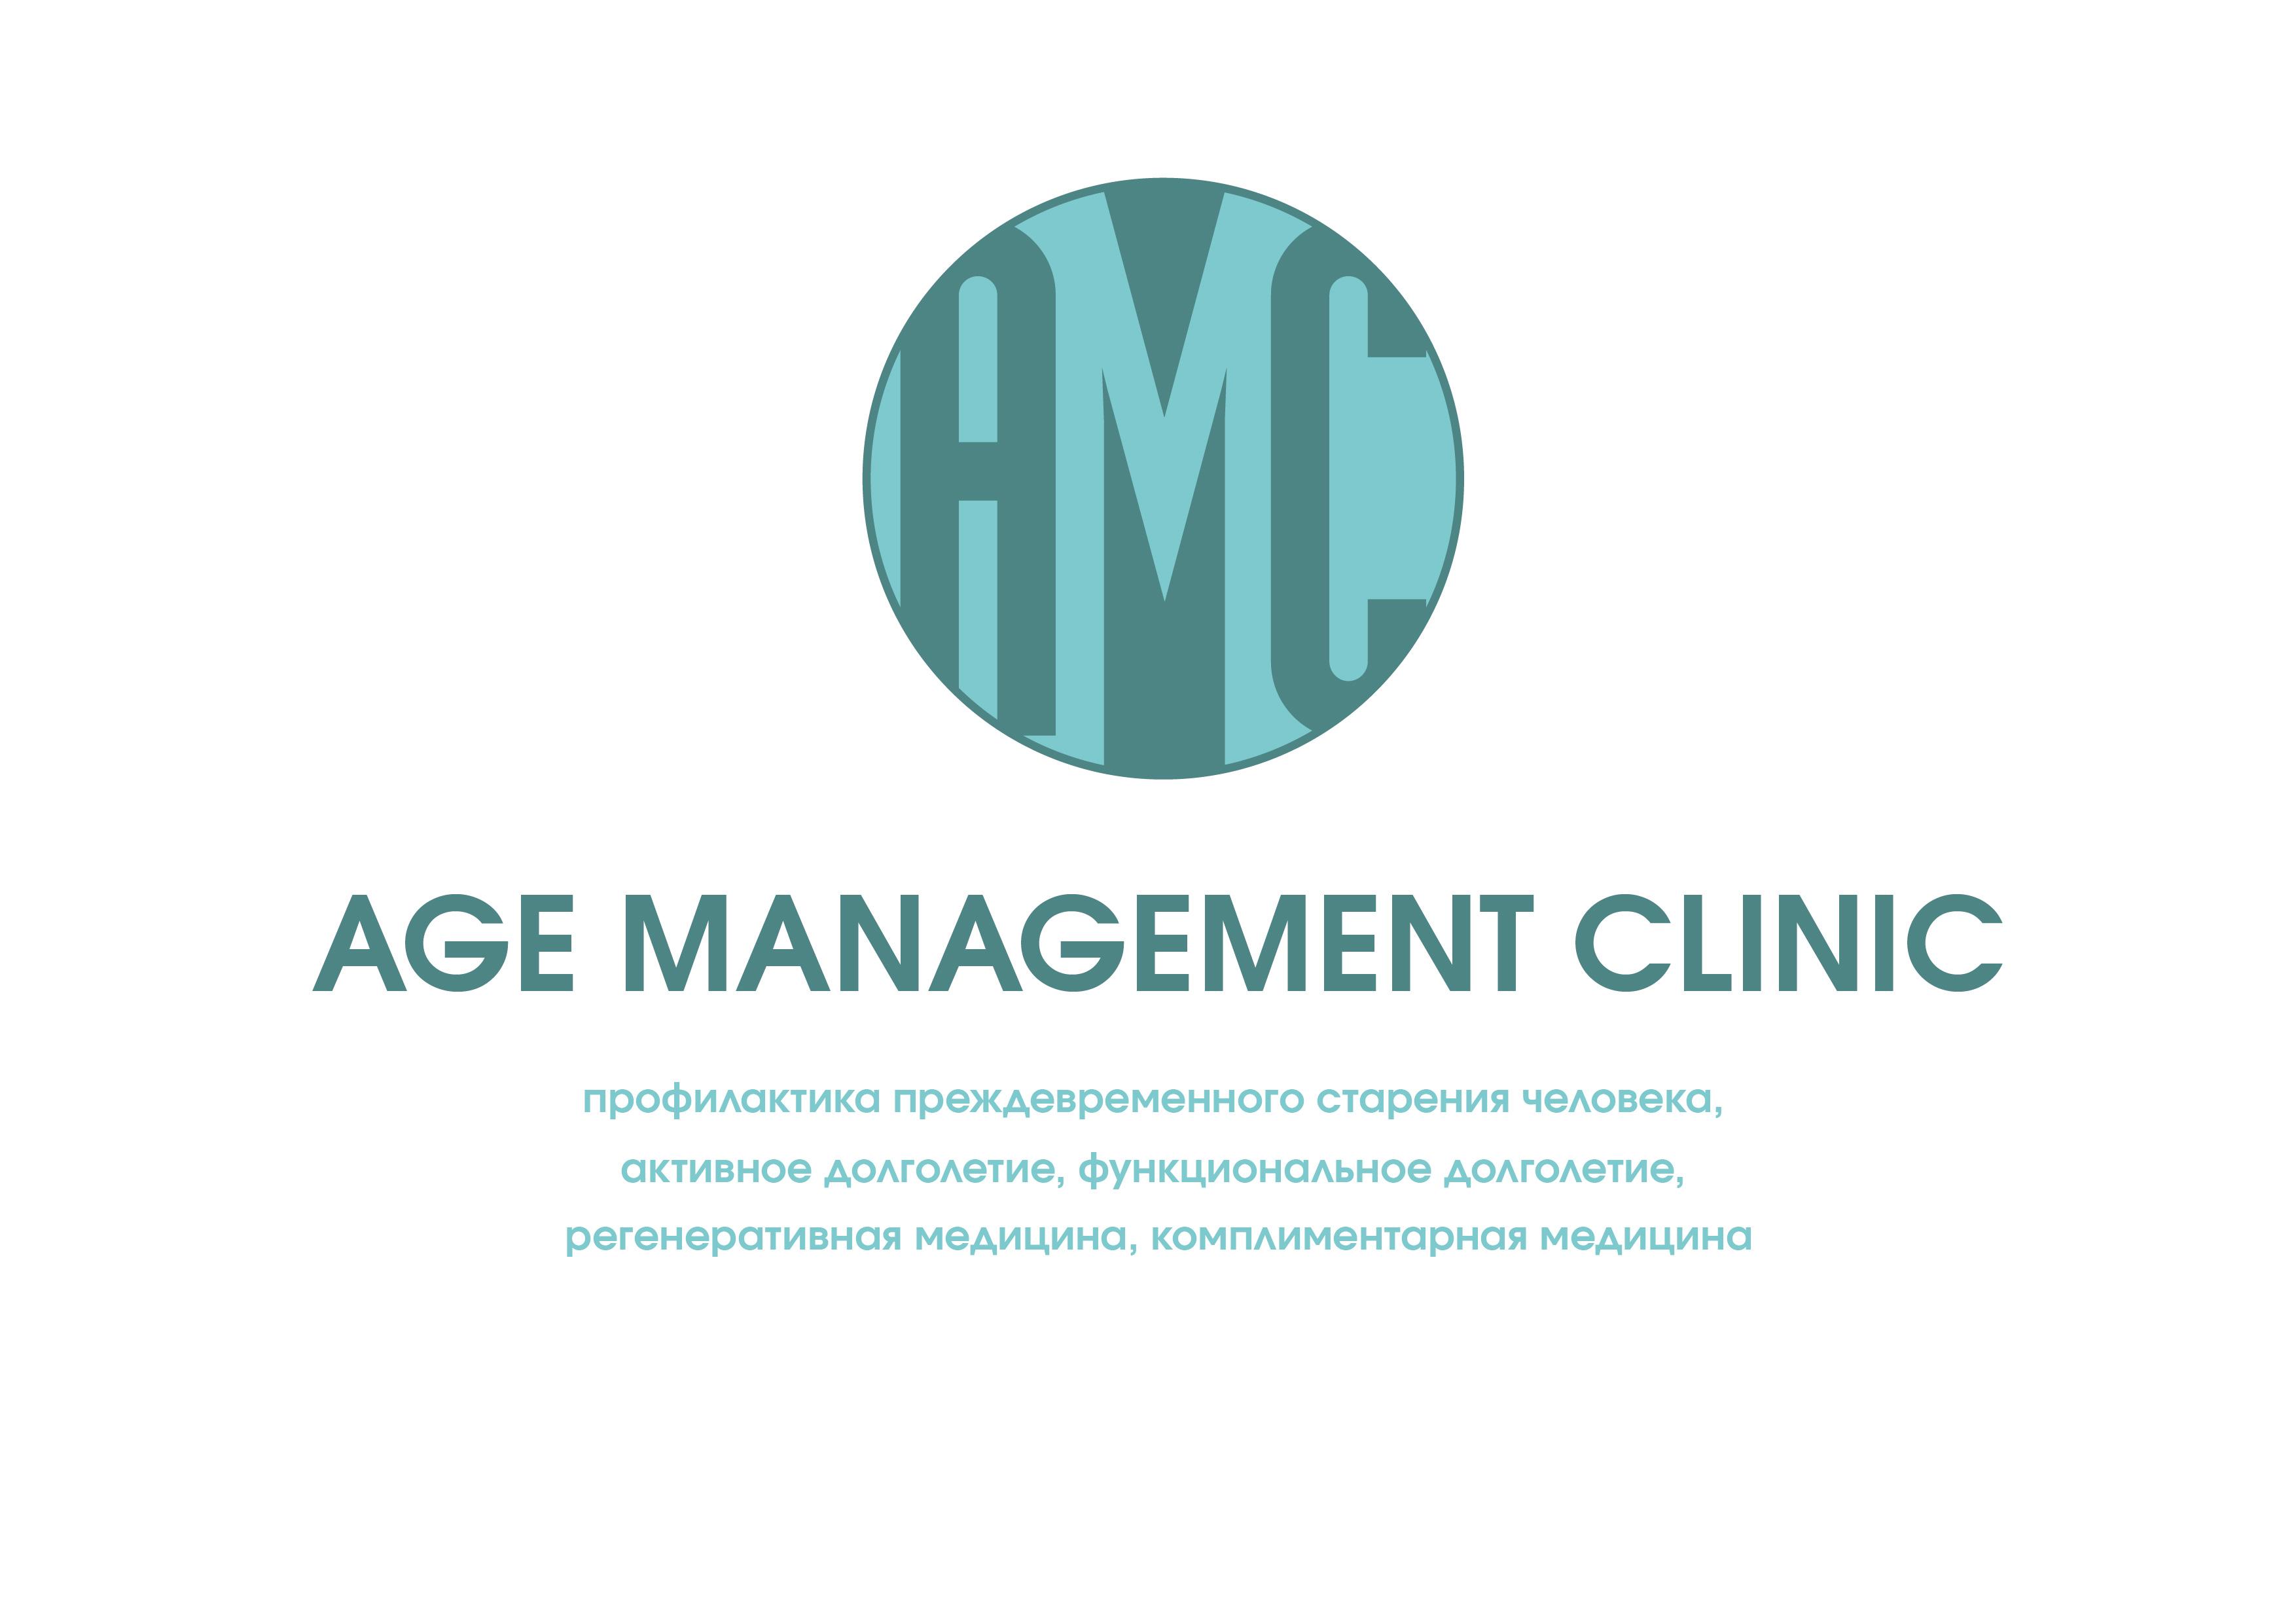 Логотип для медицинского центра (клиники)  фото f_7905b9cc5cdc6ad5.jpg